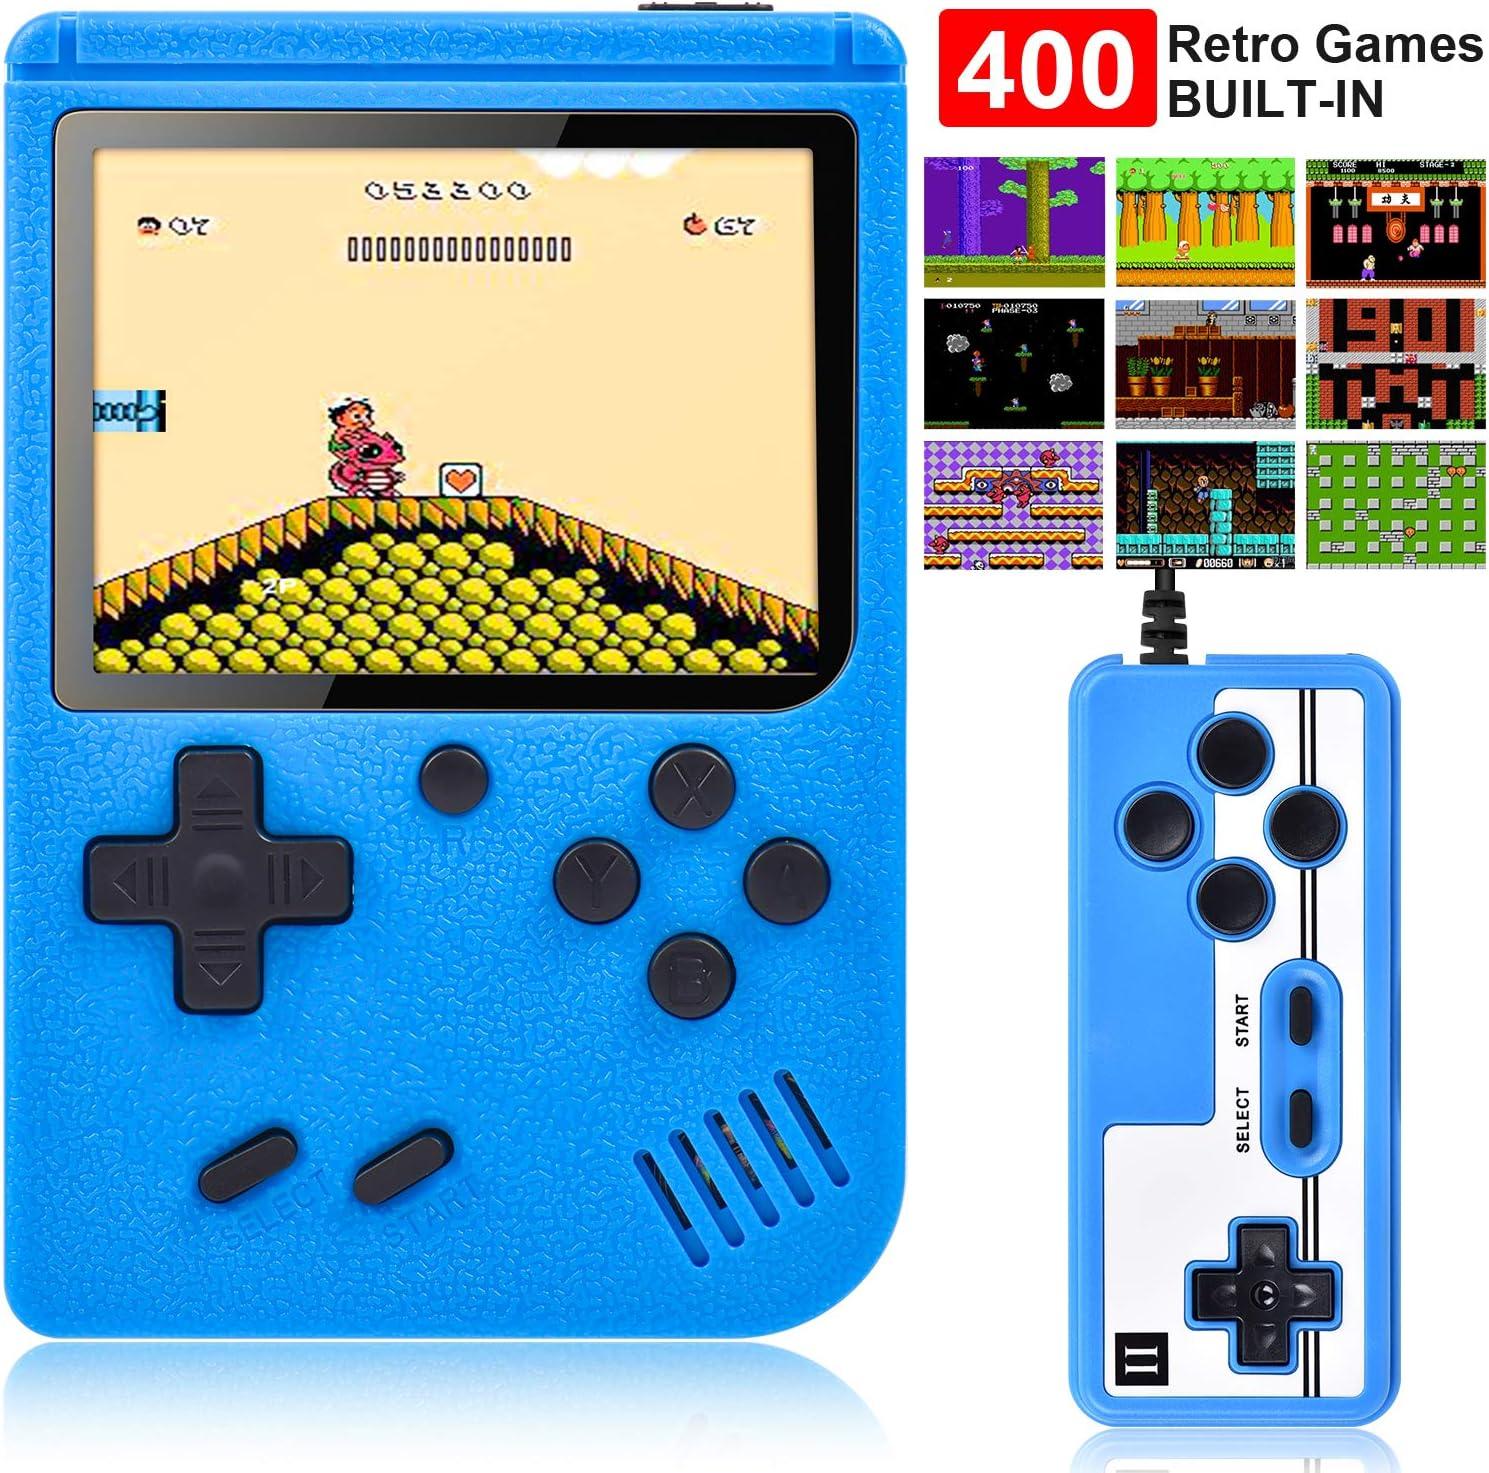 Gamory Consola de Juegos Portátil Consola Retro 400 Juegos Clásicos y Pantalla a Color de 2.8 Pulgadas para 2 Jugadores Soporte TV Juegos Portátiles Consolas Juega 3 horas para Niños y Adultos